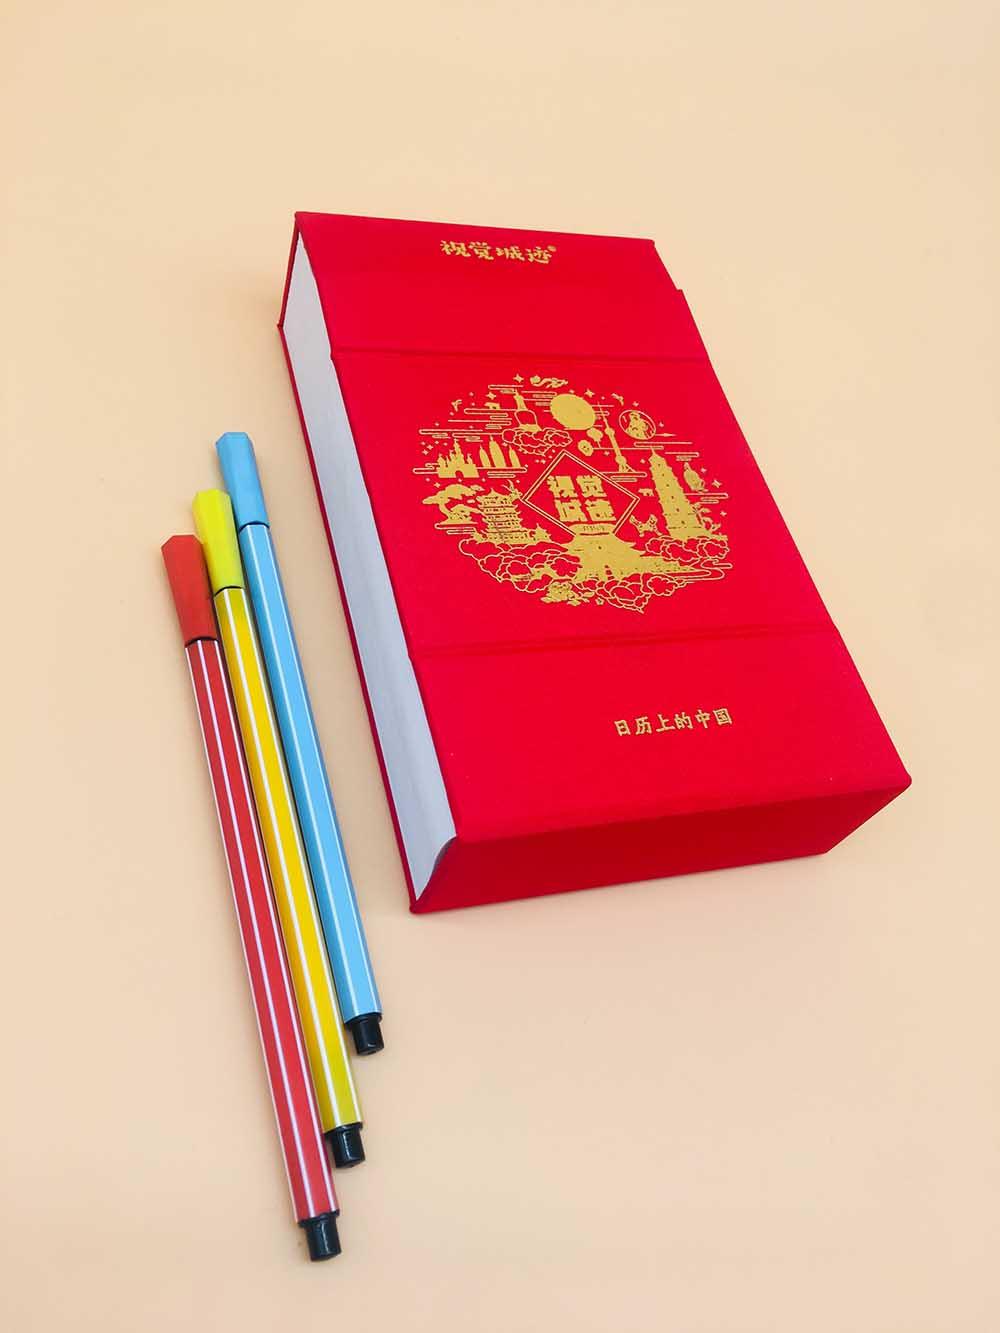 宣武印刷厂画册样本宣传册定制